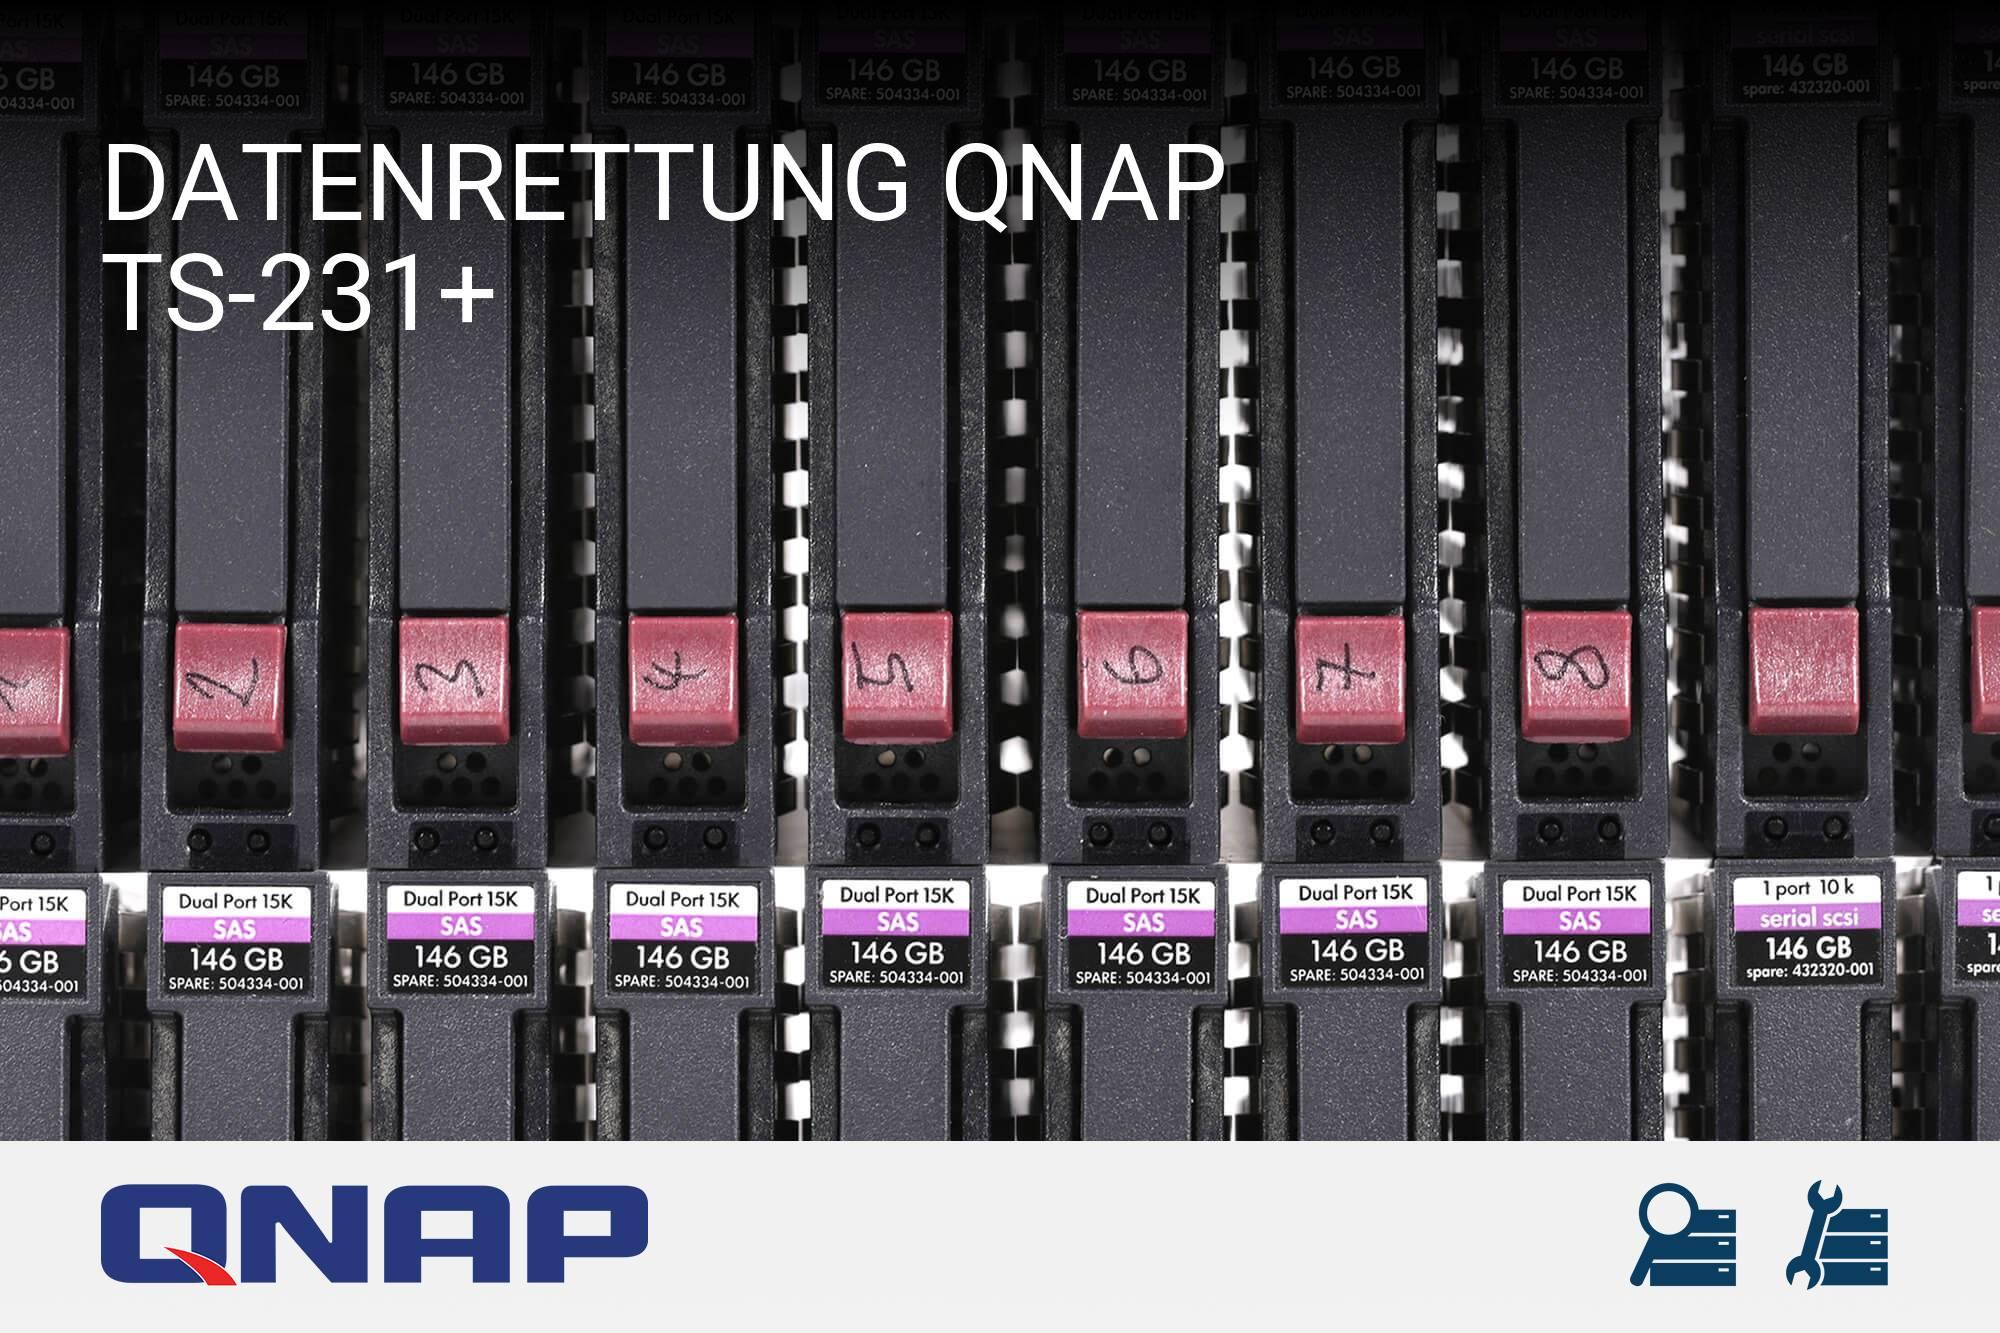 QNAP TS-231+